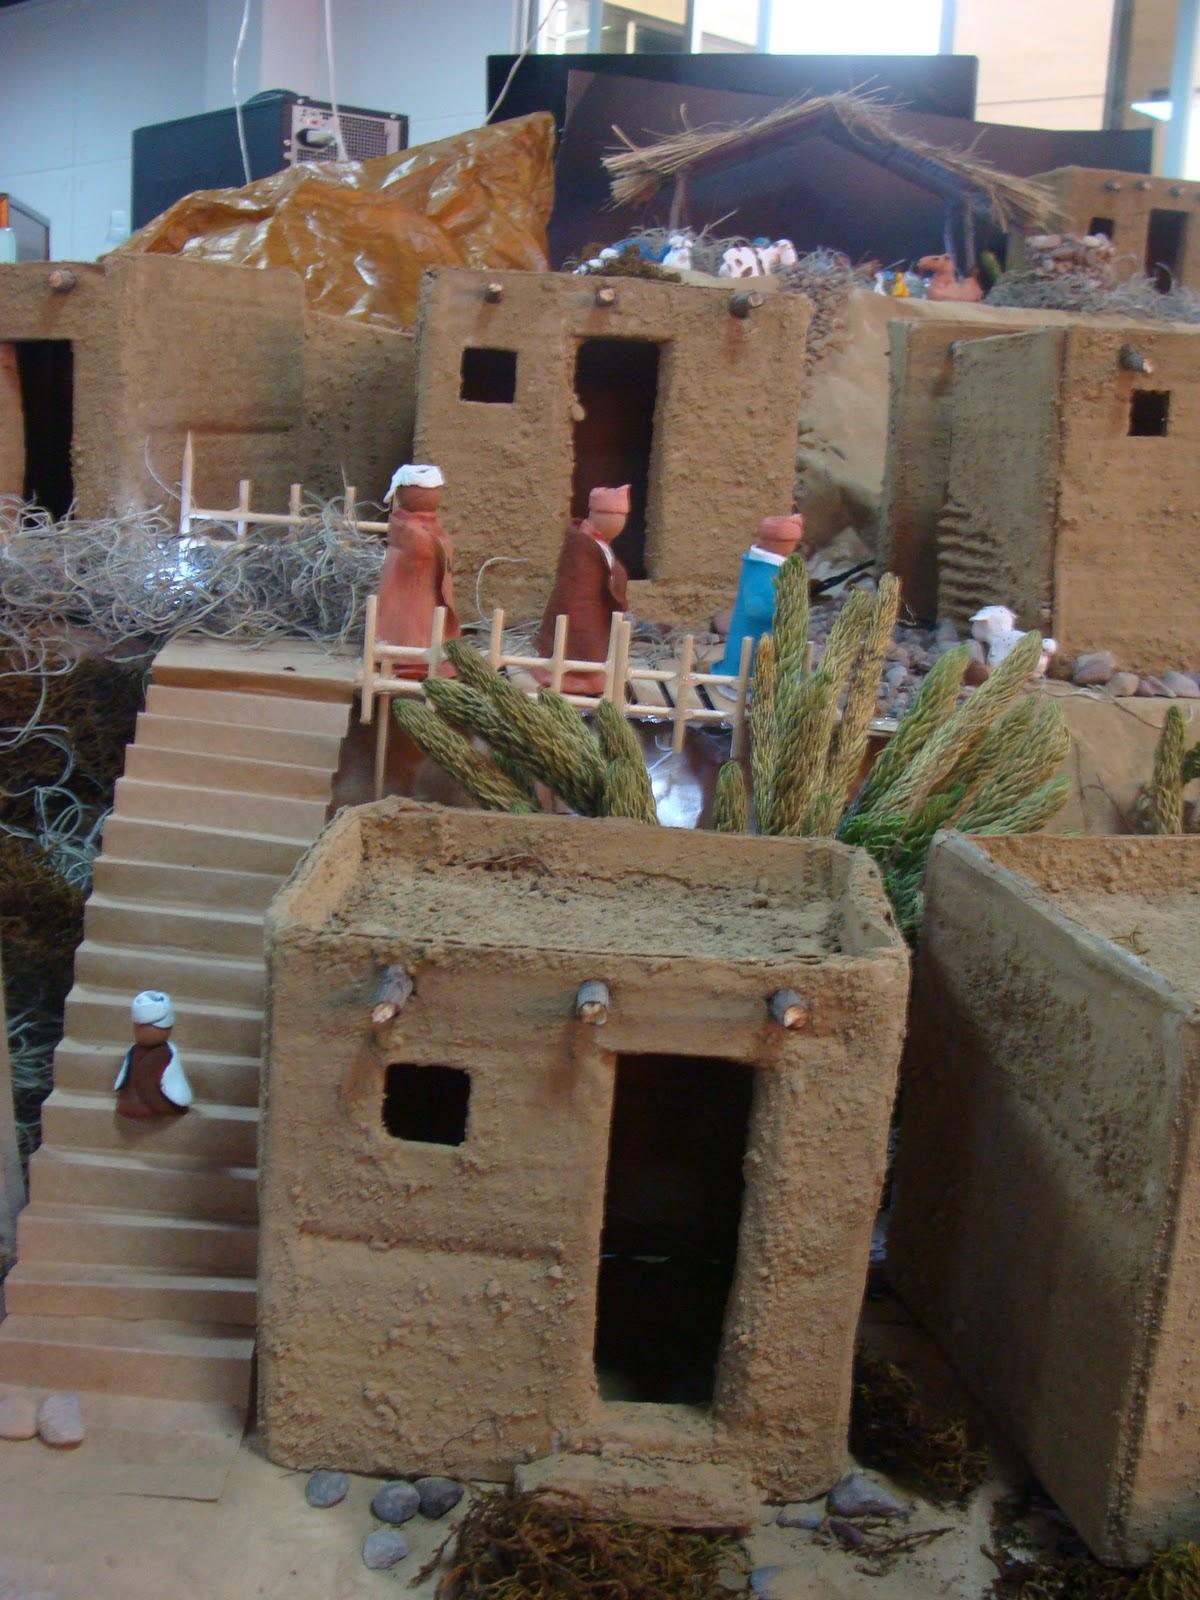 Concurso de navidad jala parte 1 sobre barcos que se hundieron pesebres y estrellas de bel n Casas hechas de carton